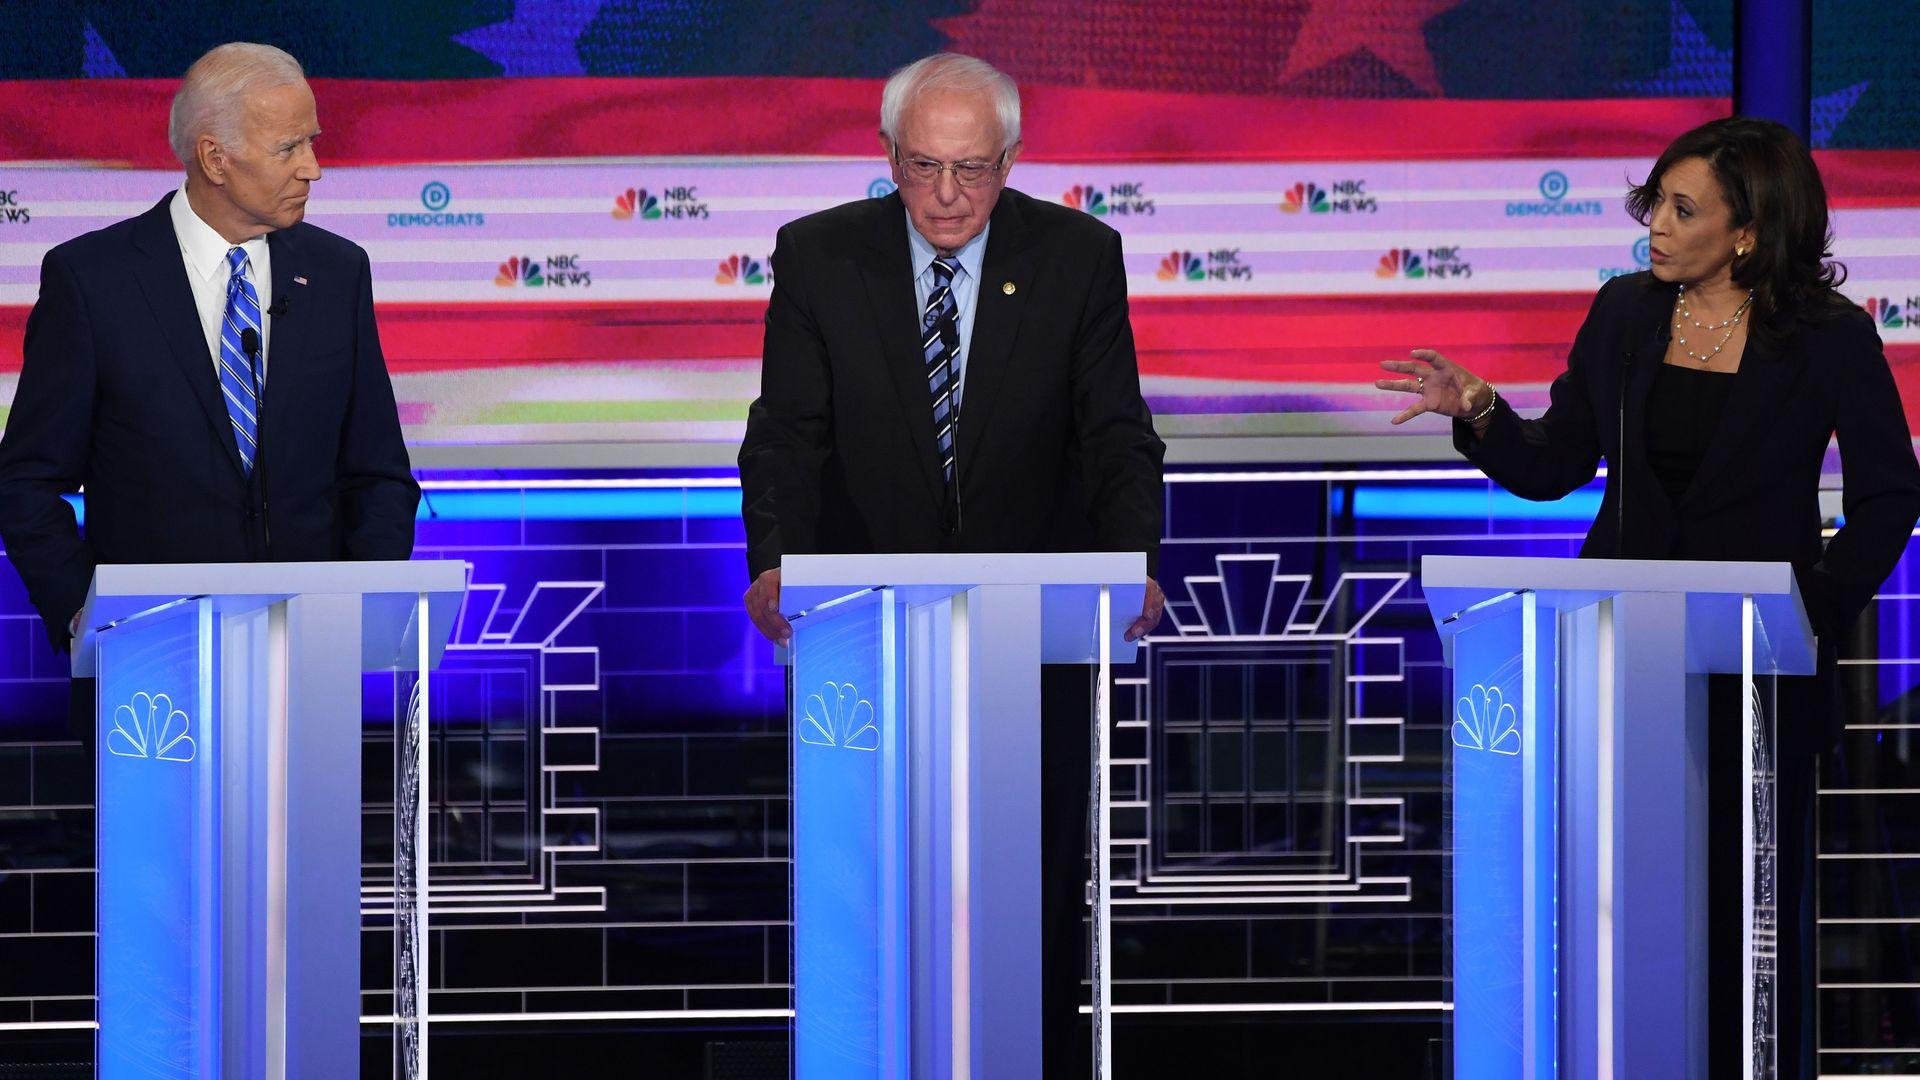 In this image, Bernie Sanders stands between Joe Biden and Kamala Harris.